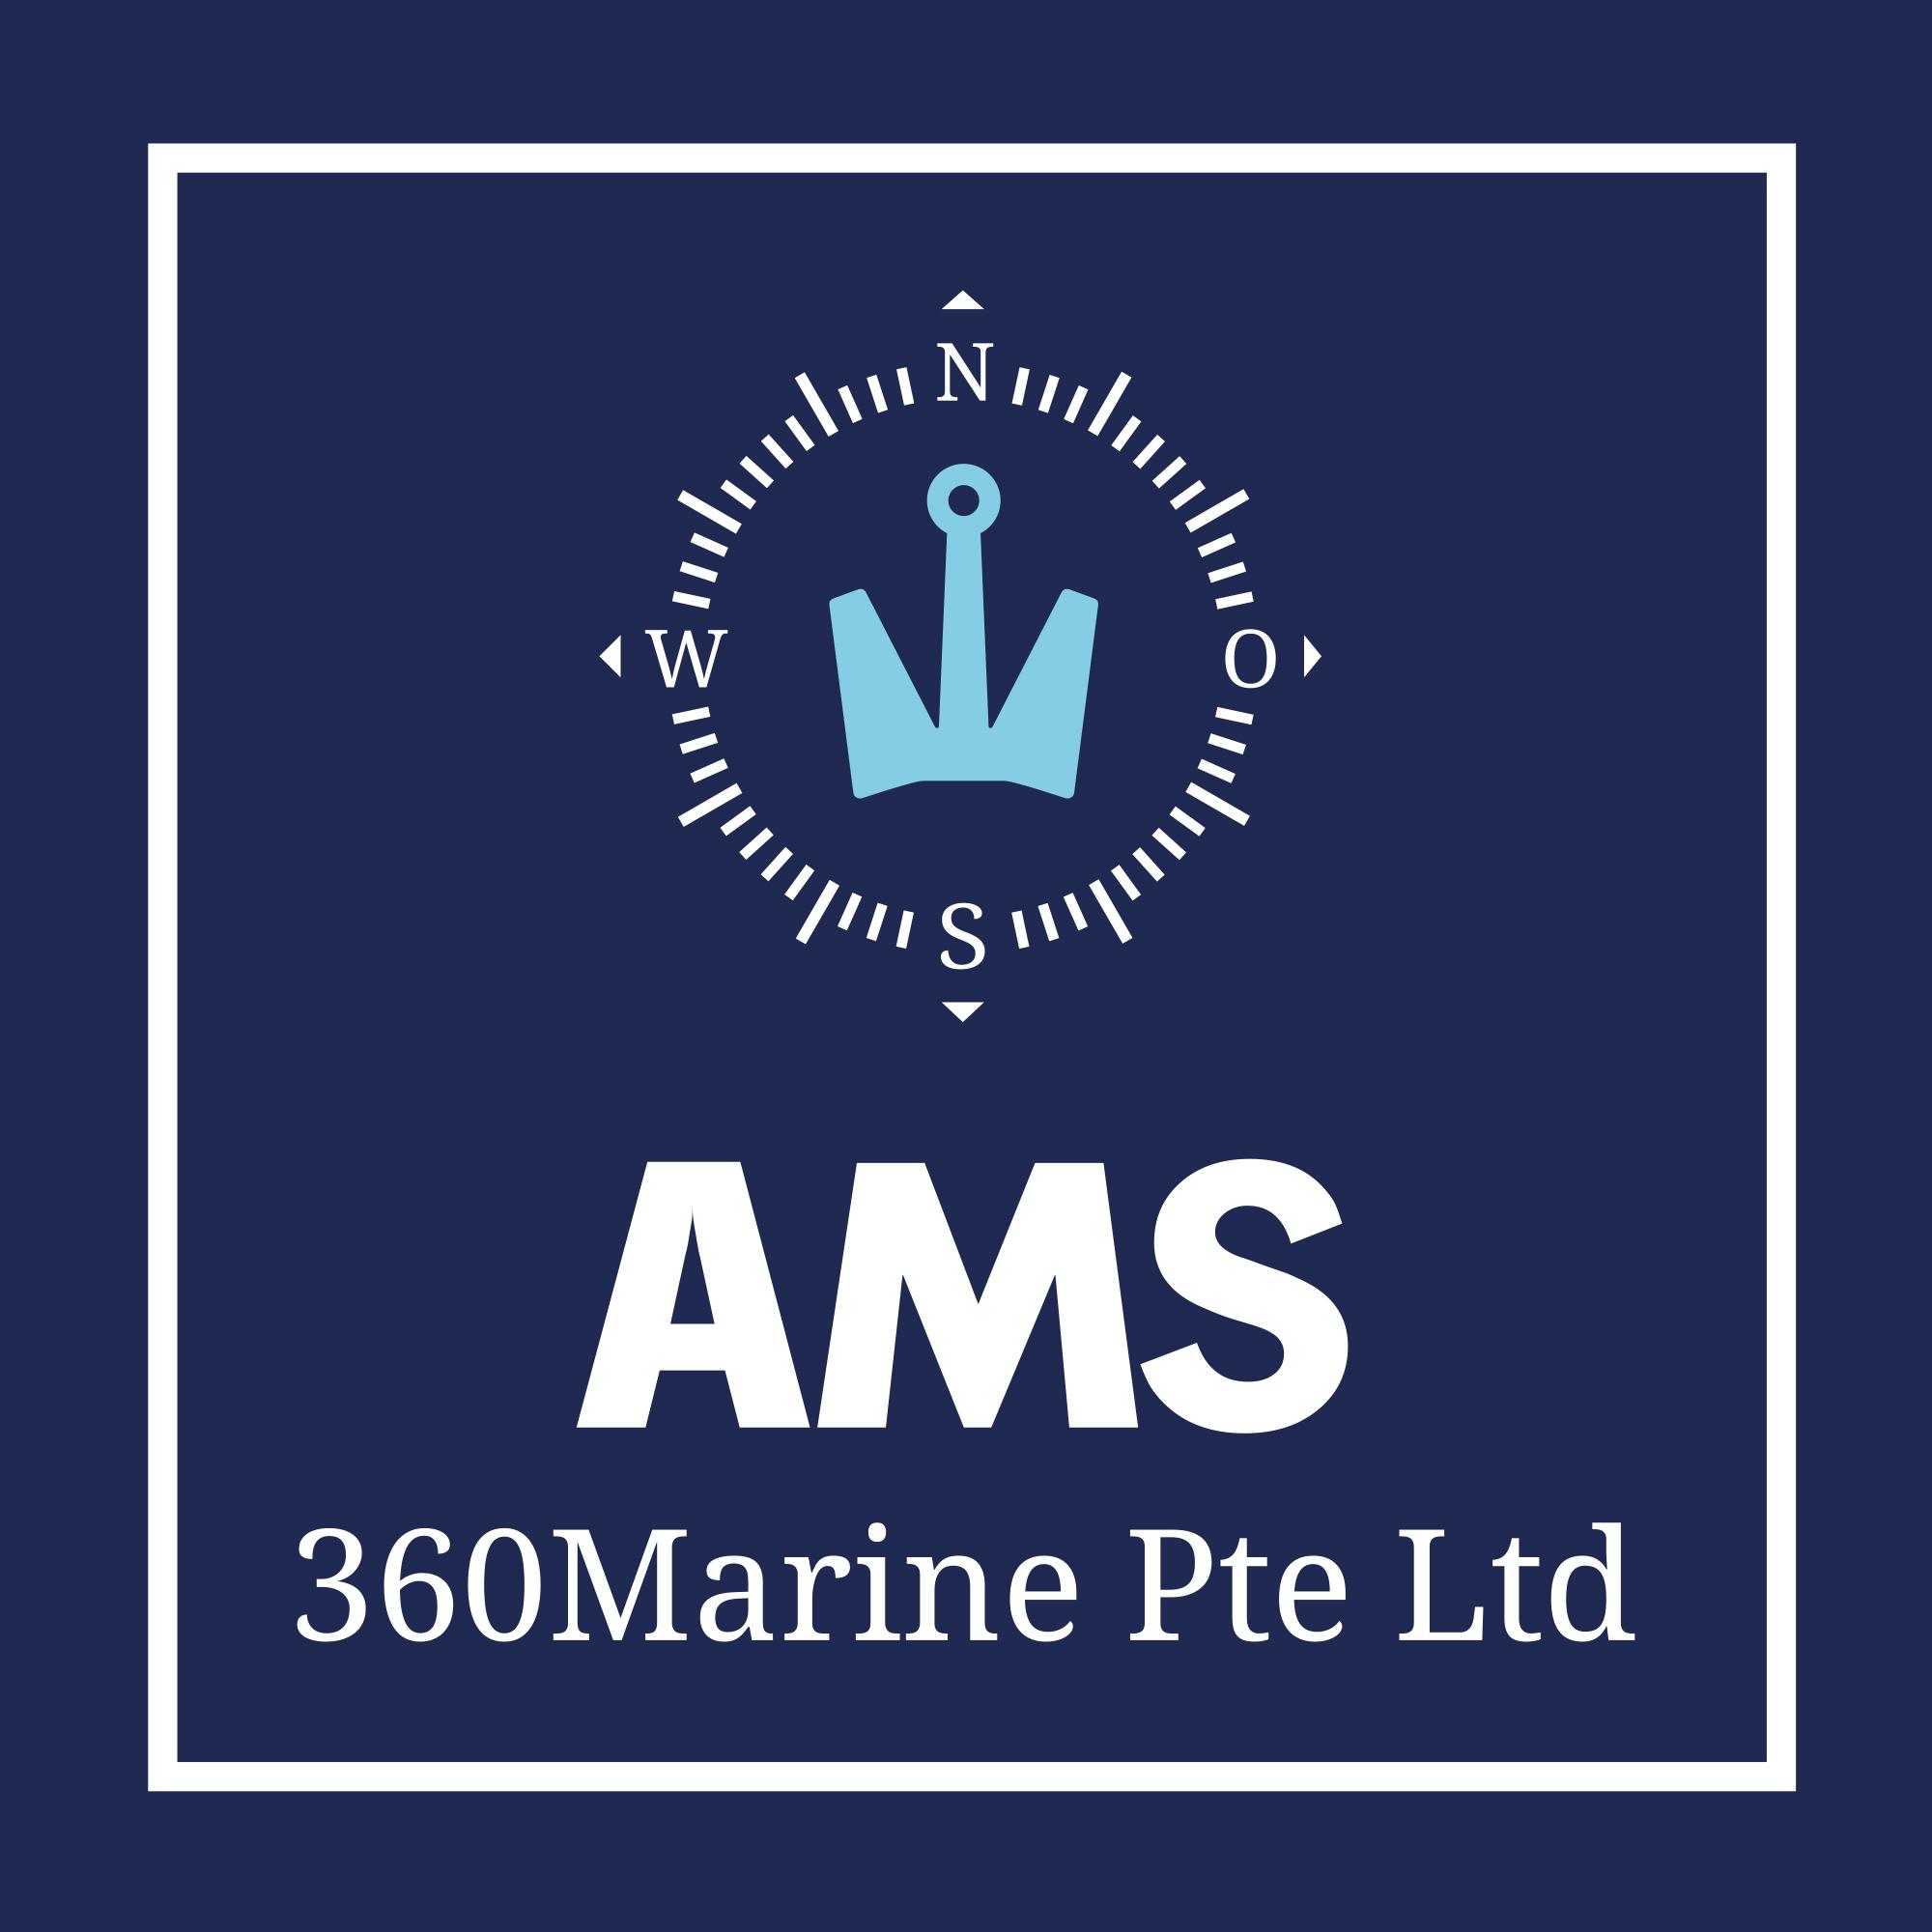 AMS 360Marine